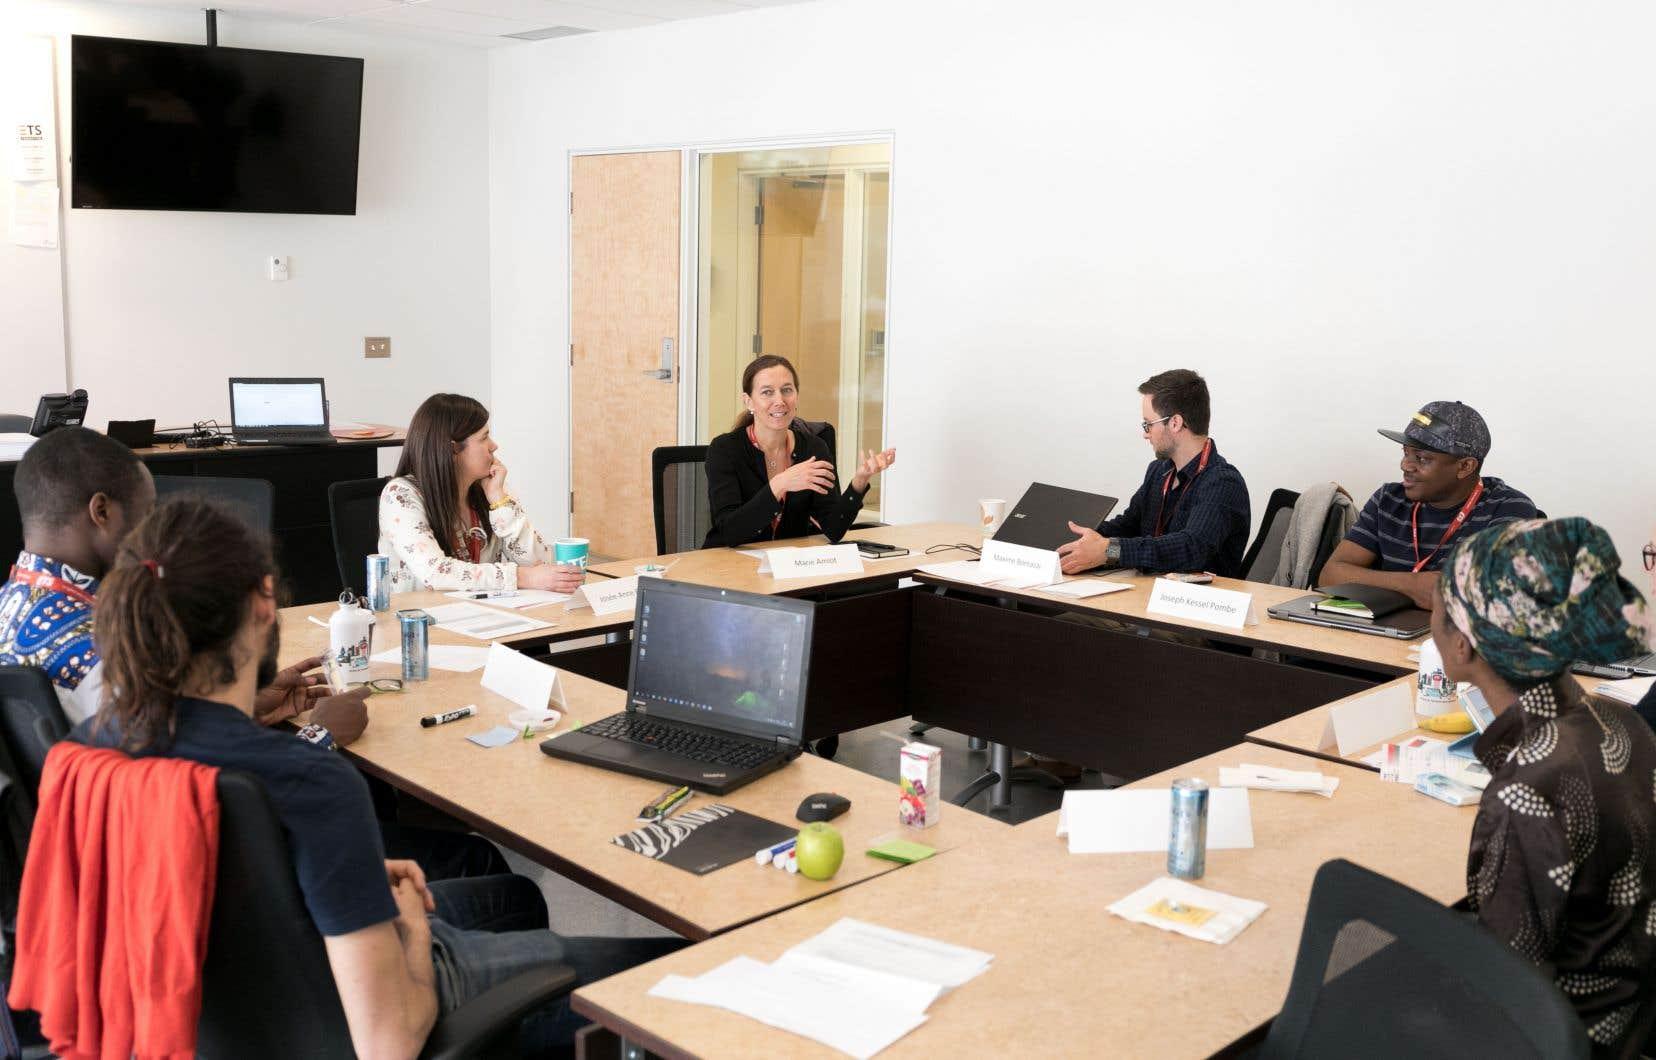 Pendant une semaine, des étudiants de l'UQ sont jumelés avec des gens d'entreprises, entre autres, pour développer des projets d'affaires.